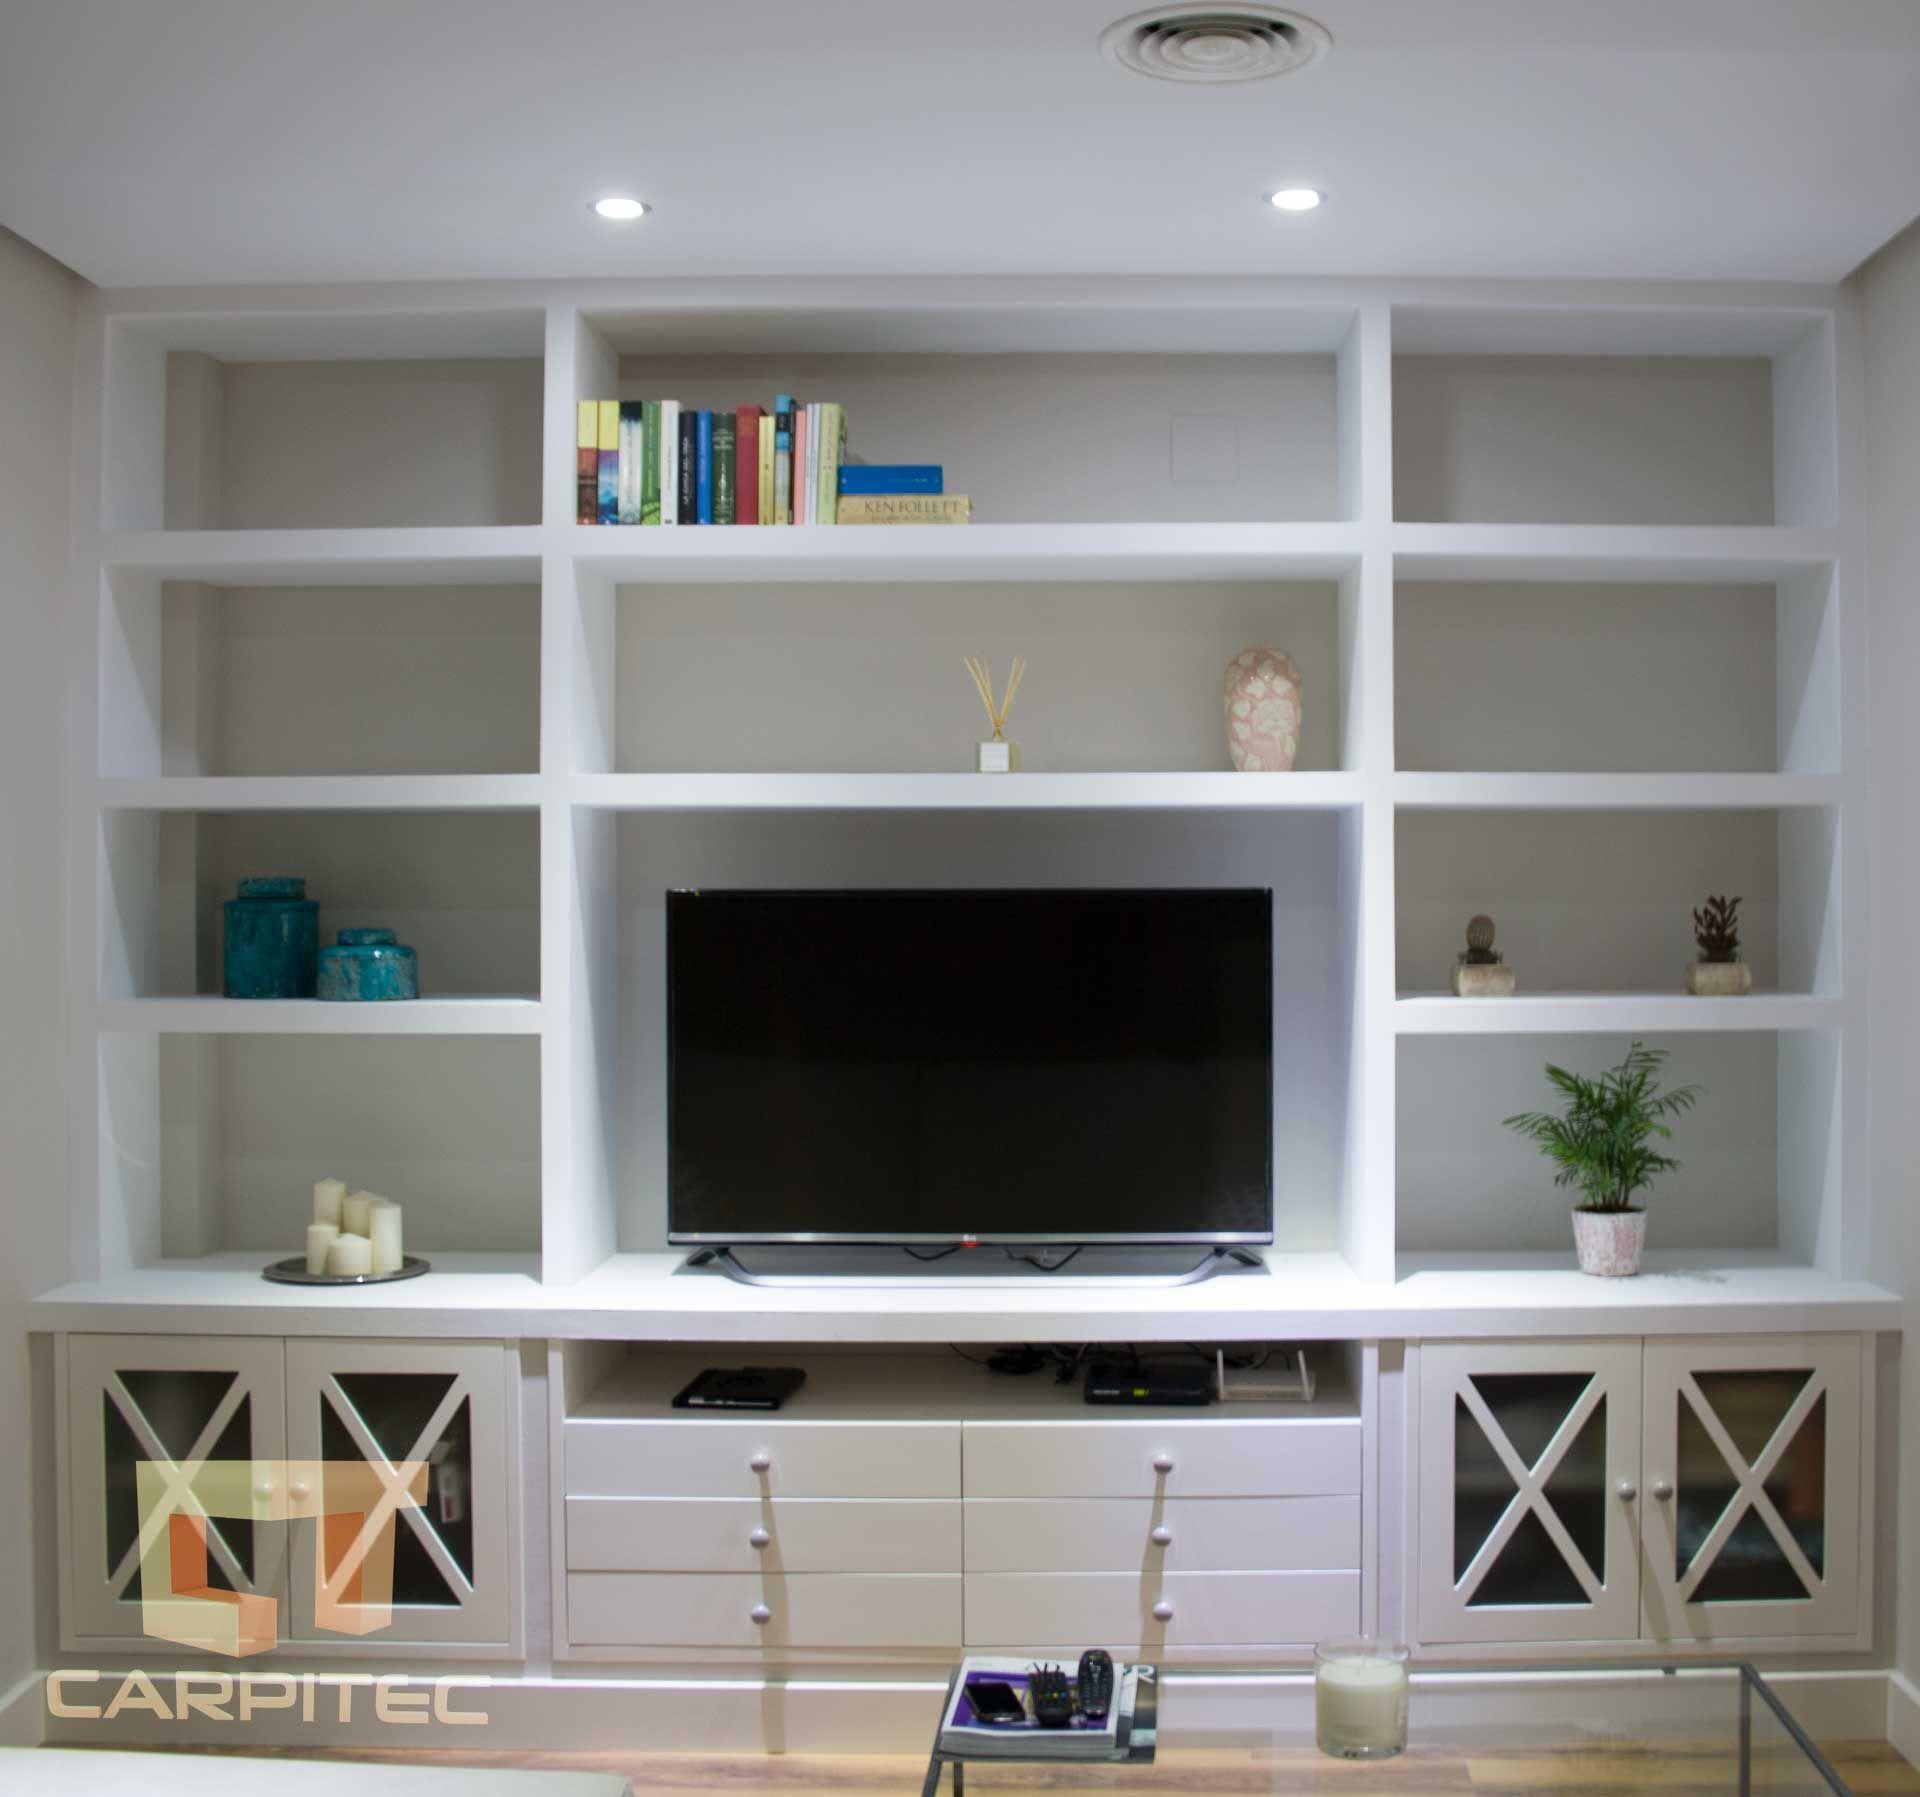 mueble estantera para saln en pladur y madera lacada en blanco